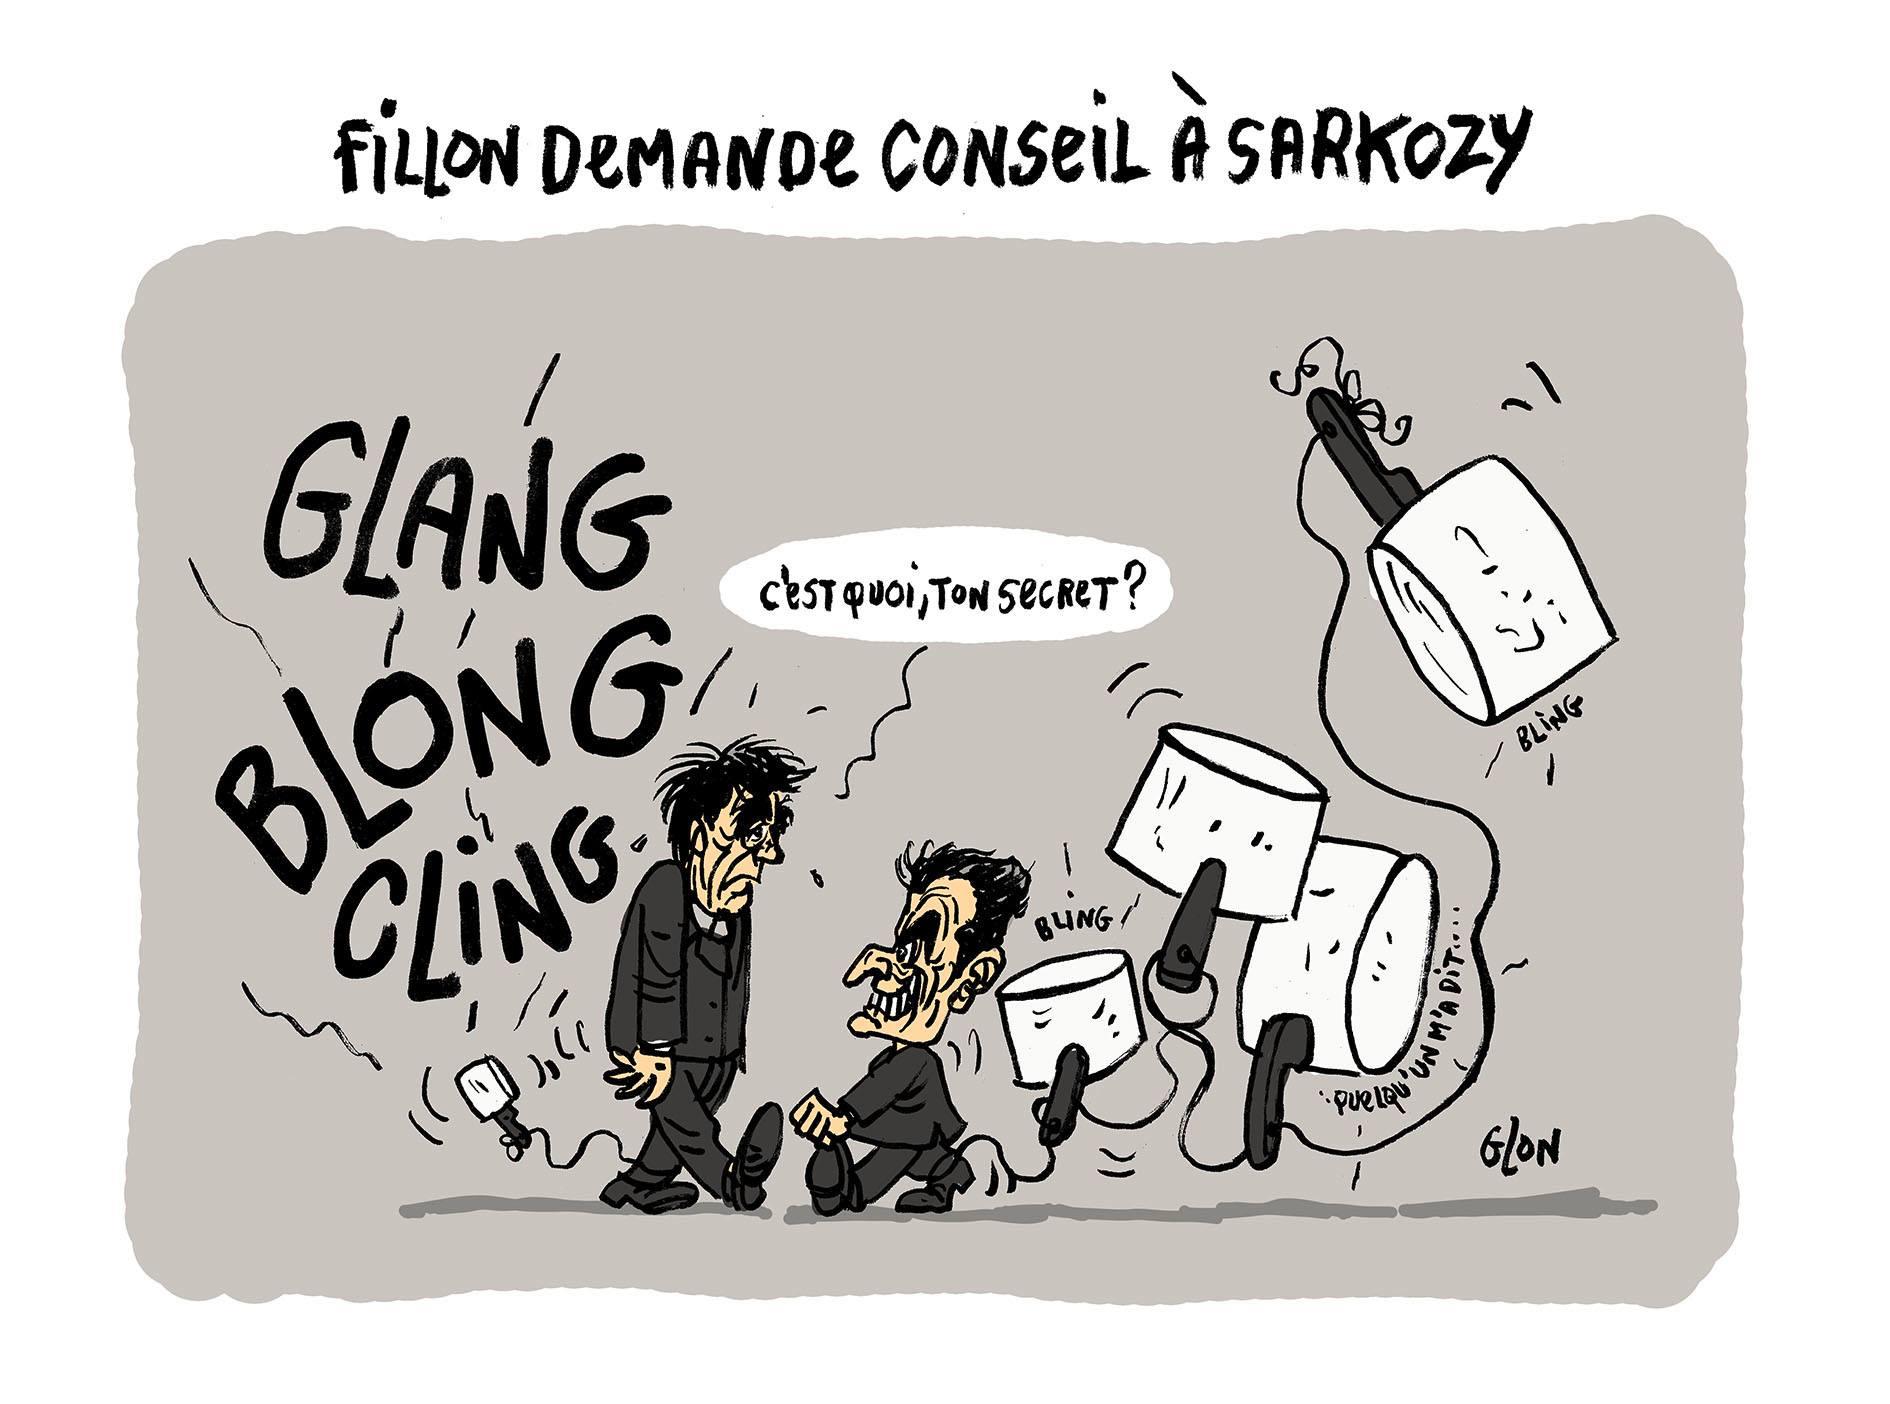 dessin drôle de Nicolas Sarkozy et François Fillon qui traînent leurs casseroles